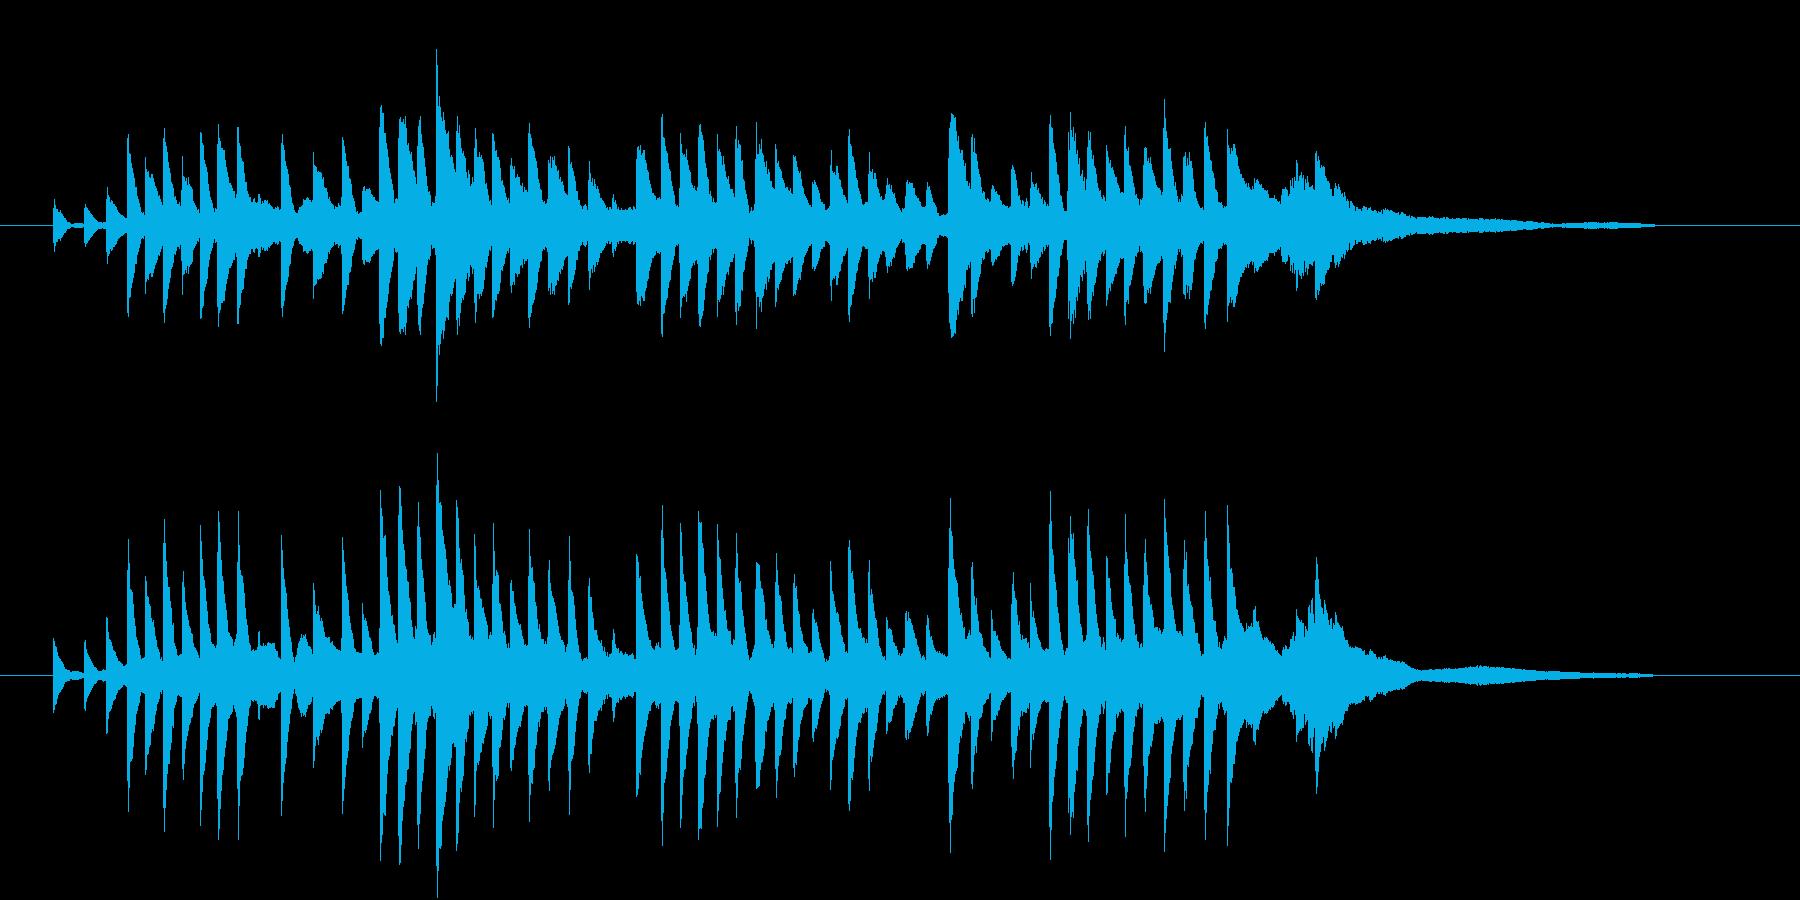 「やさしい雨のBGM」の再生済みの波形